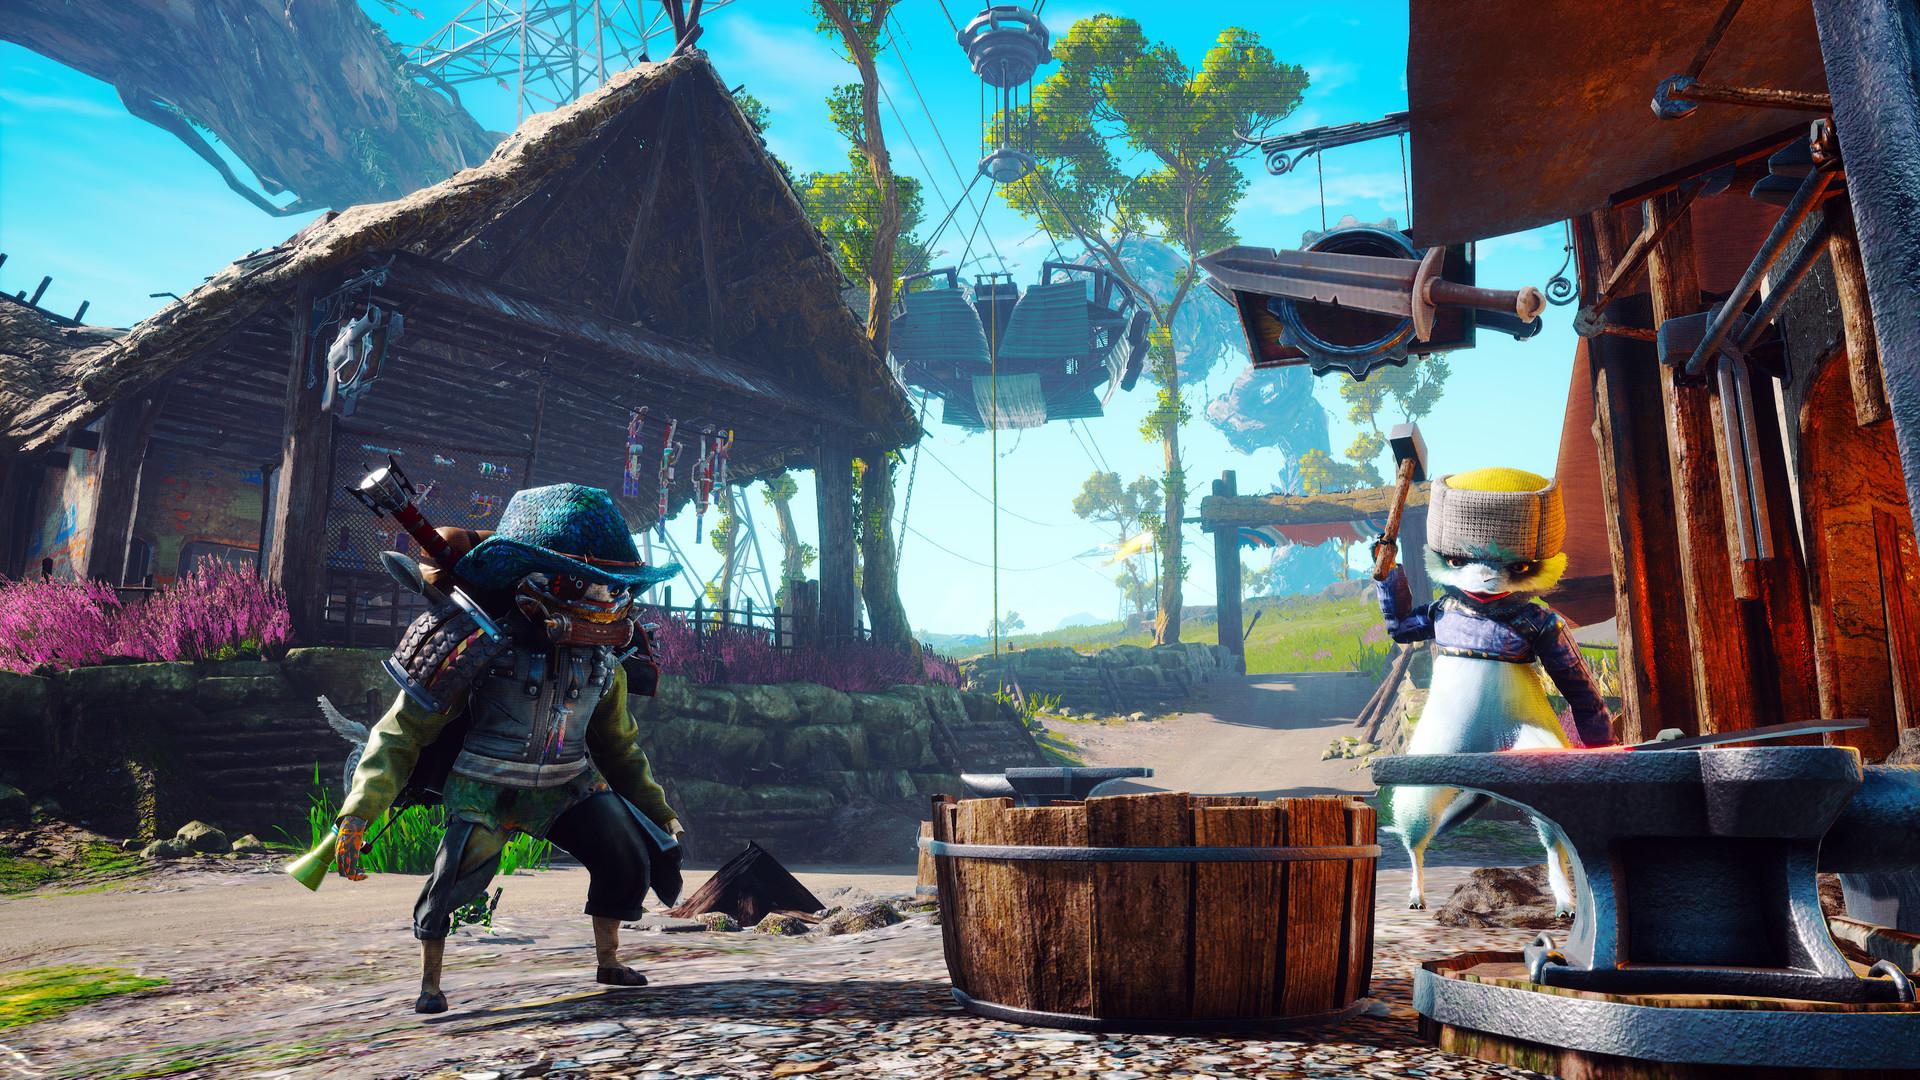 Пиковый онлайн Biomutant в Steam превысил 55 тыс. пользователей  рекорд для игр THQ Nordic